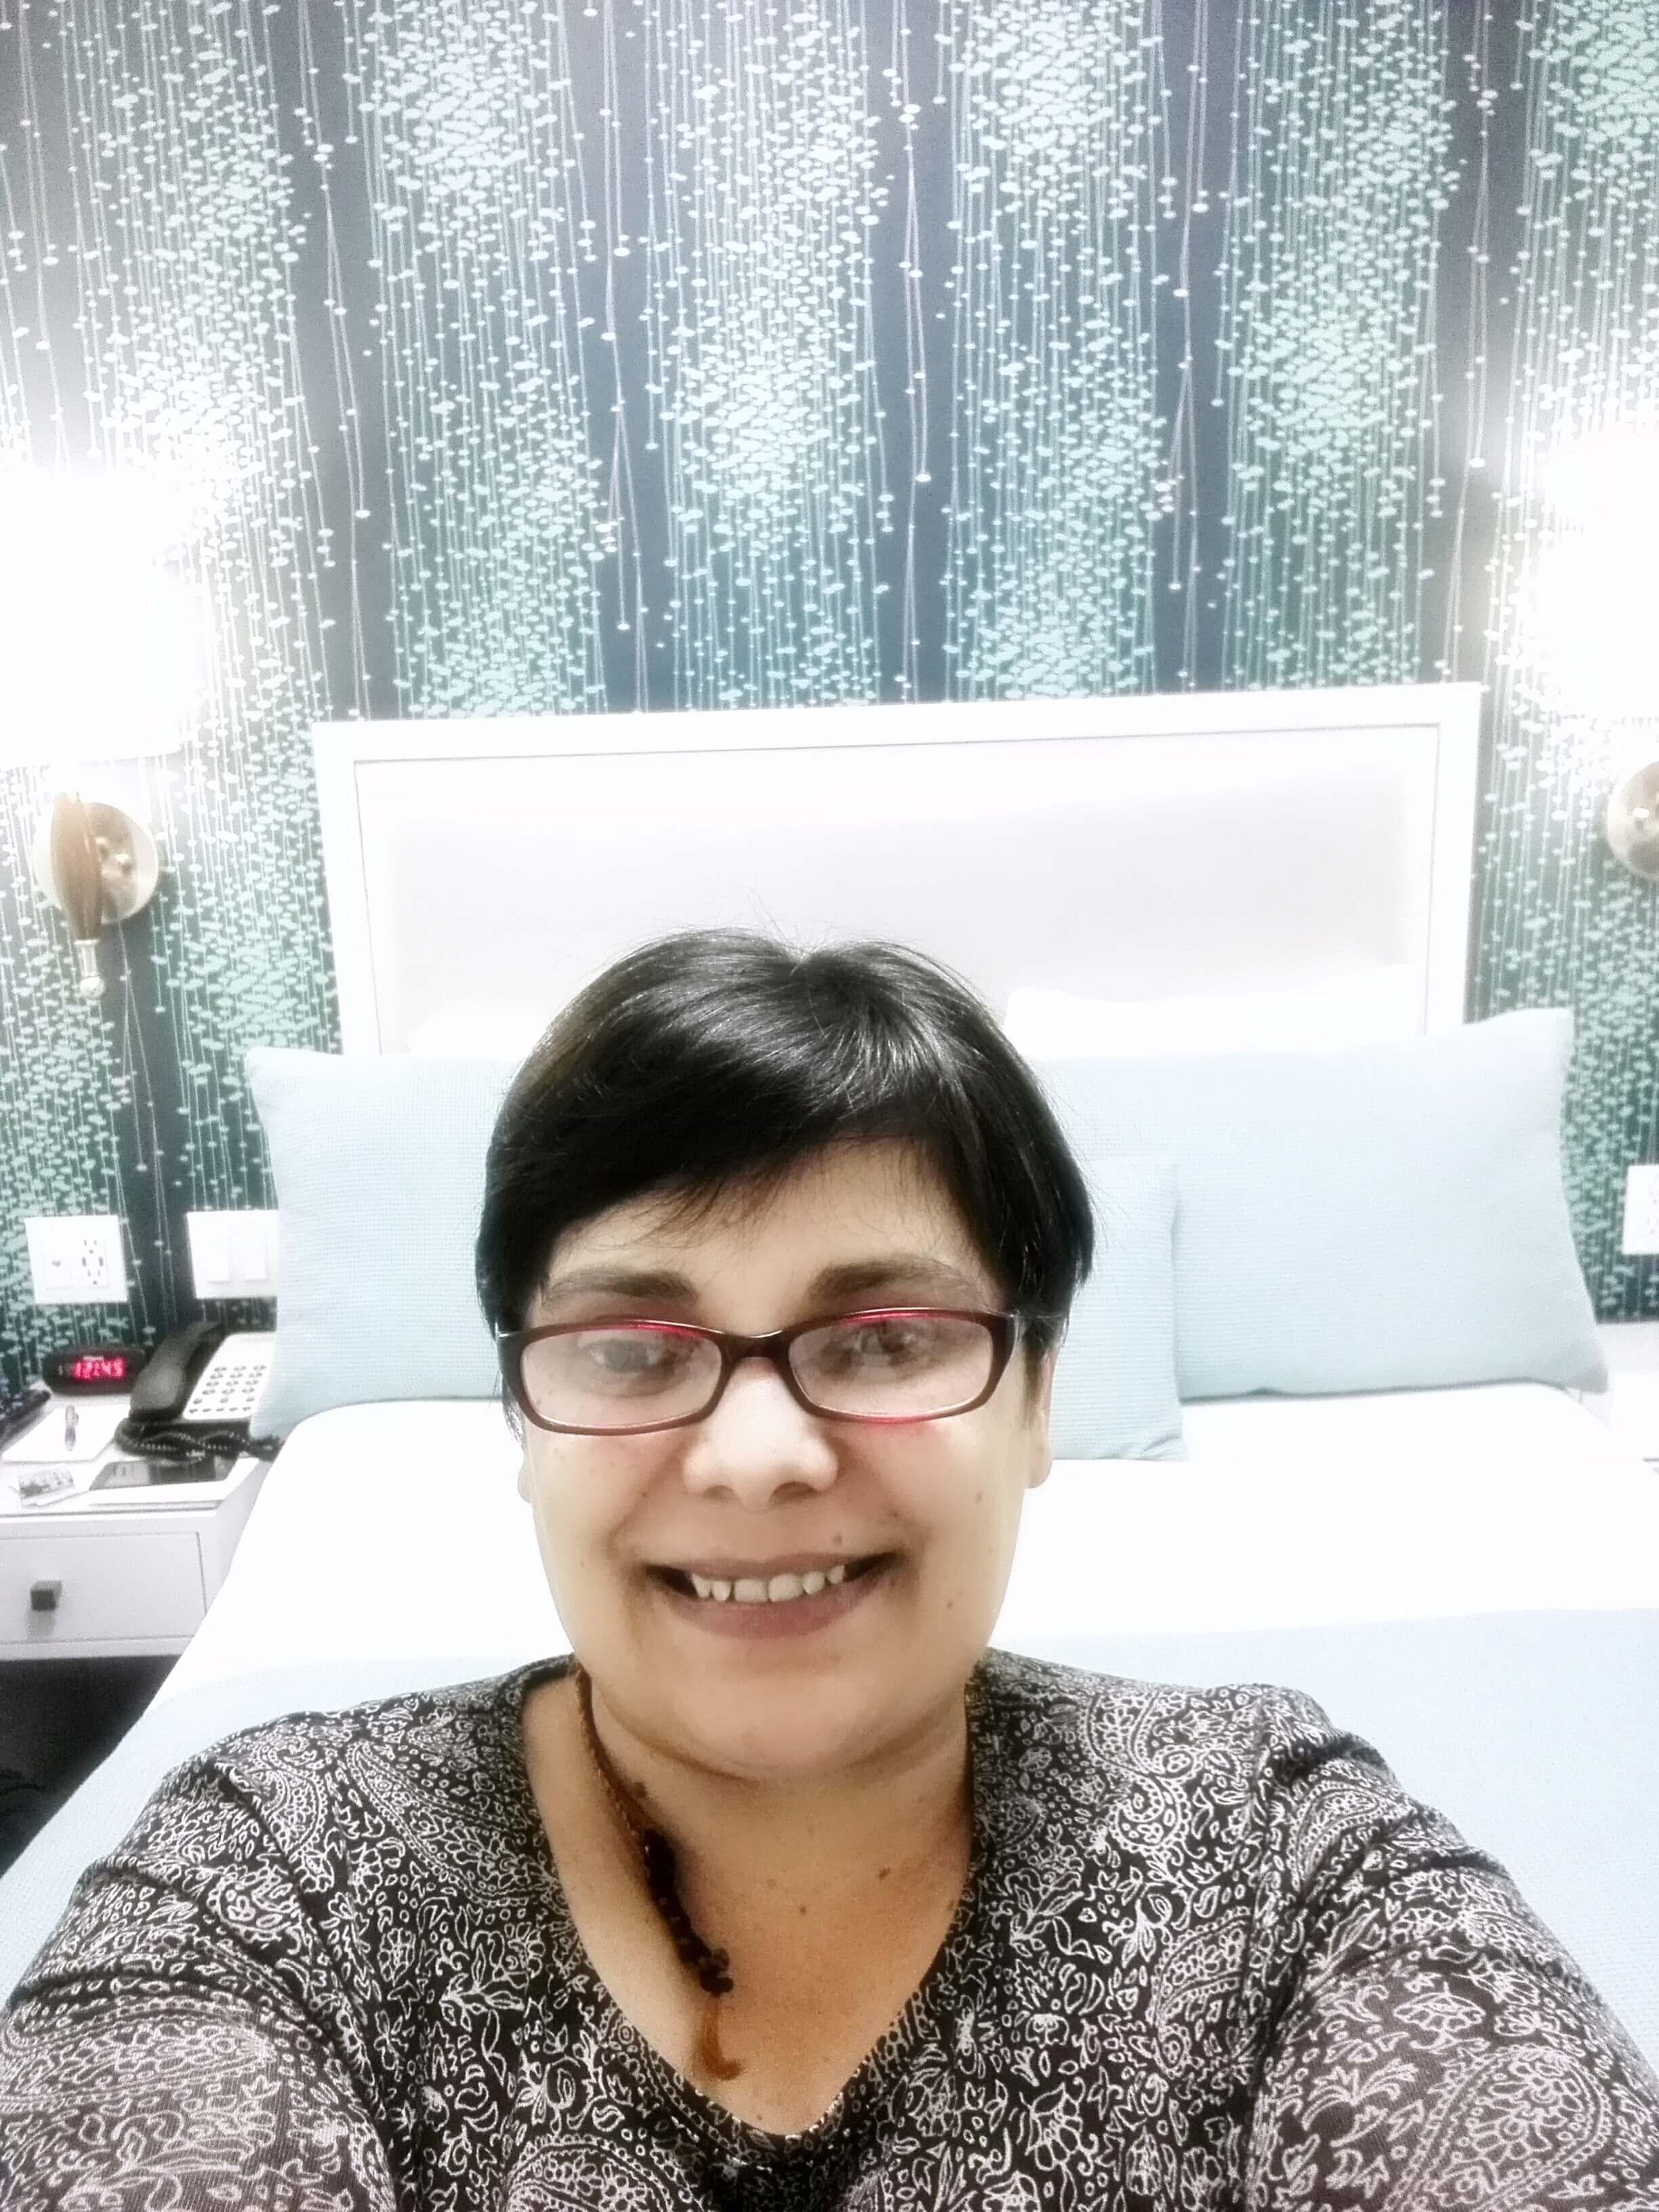 viaggiare-zaino-in-spalla-belnord-hotel-nyc-3